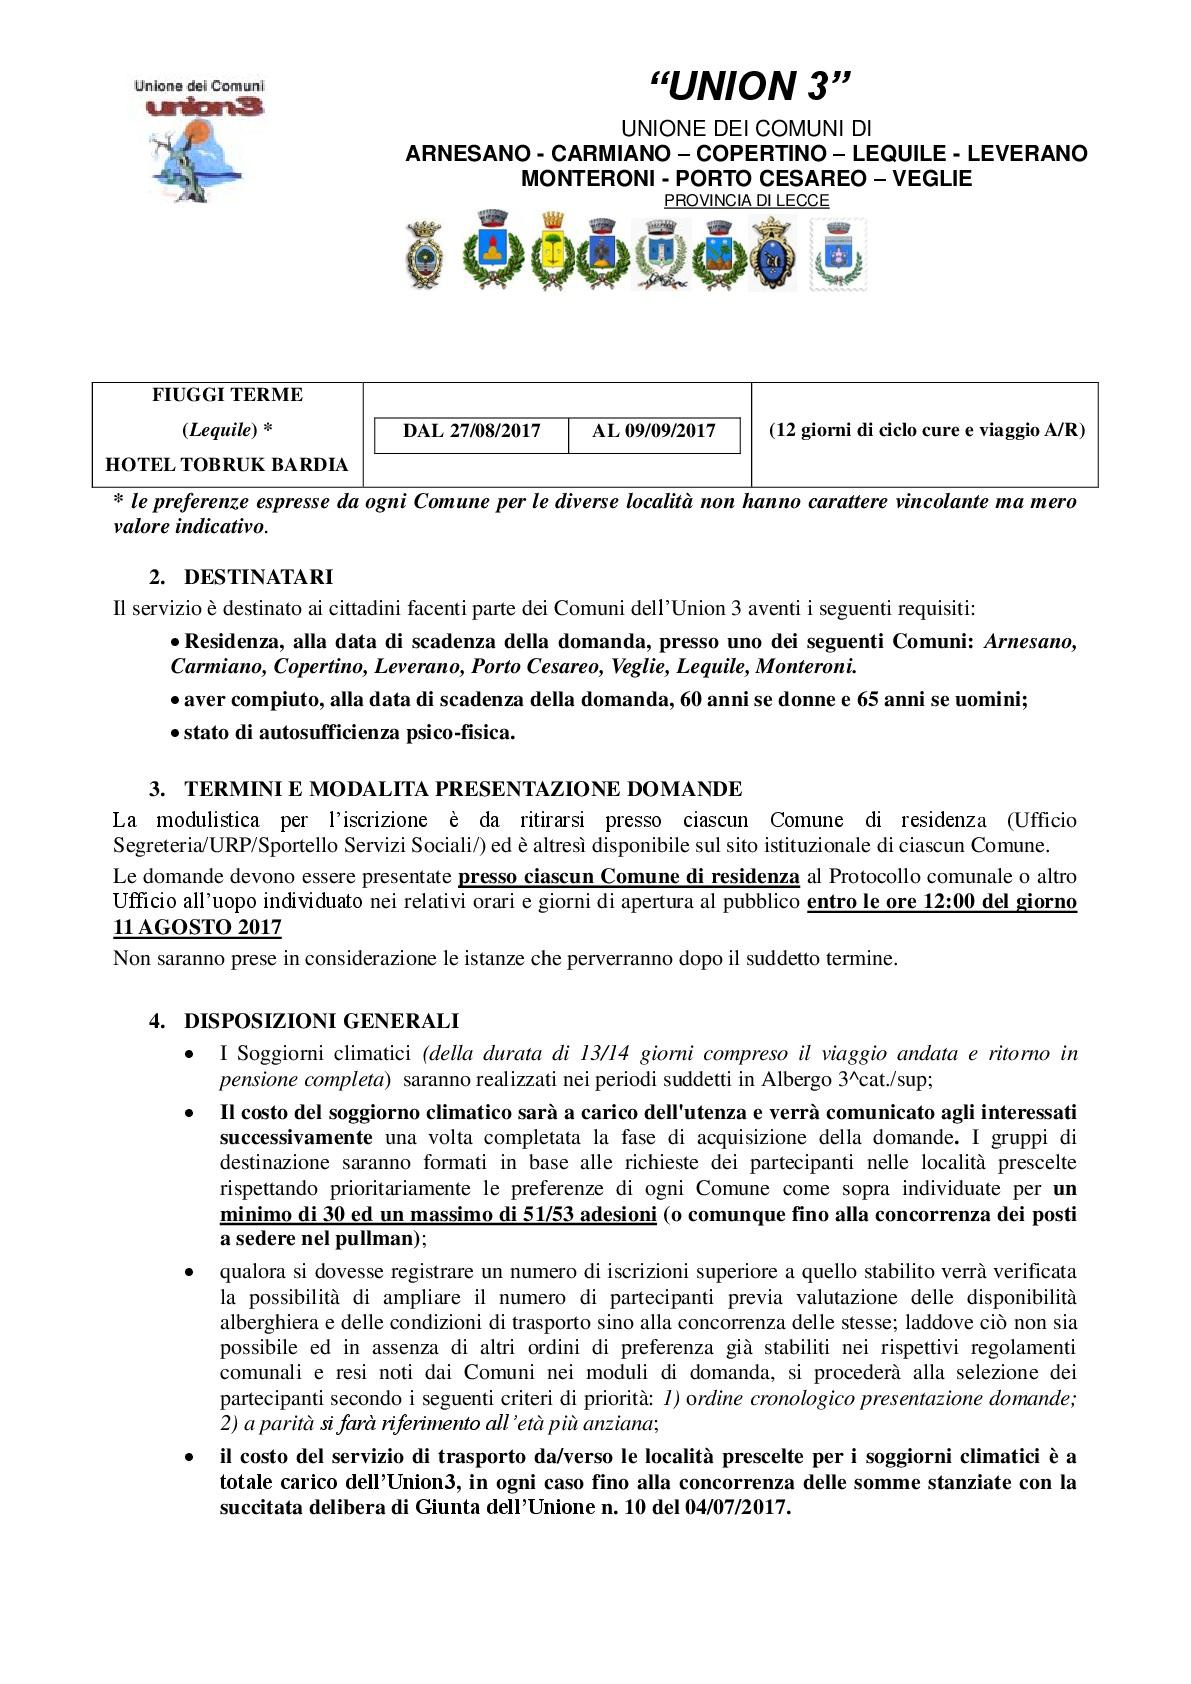 Controvoci 2.0 - COMUNE DI VEGLIE E UNION 3: SOGGIORNI CLIMATICI E ...